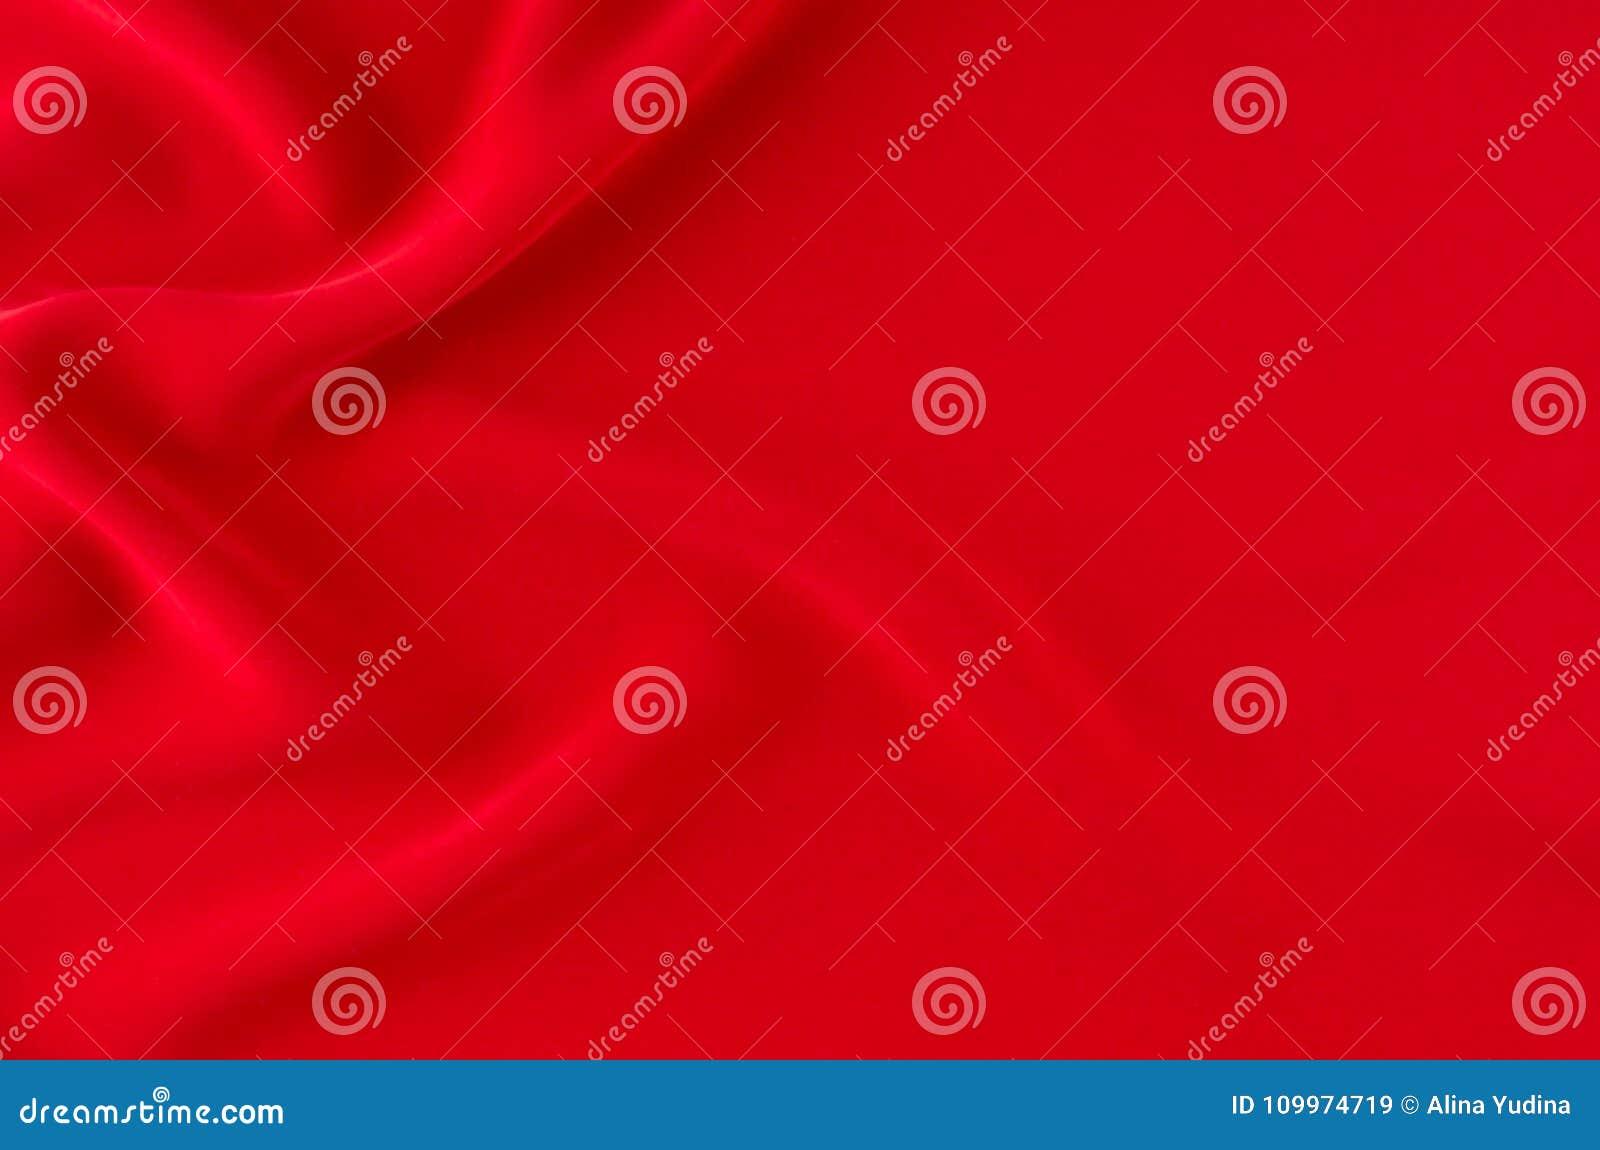 Profundamente - fundo ondulado liso de seda vermelho com espaço da cópia